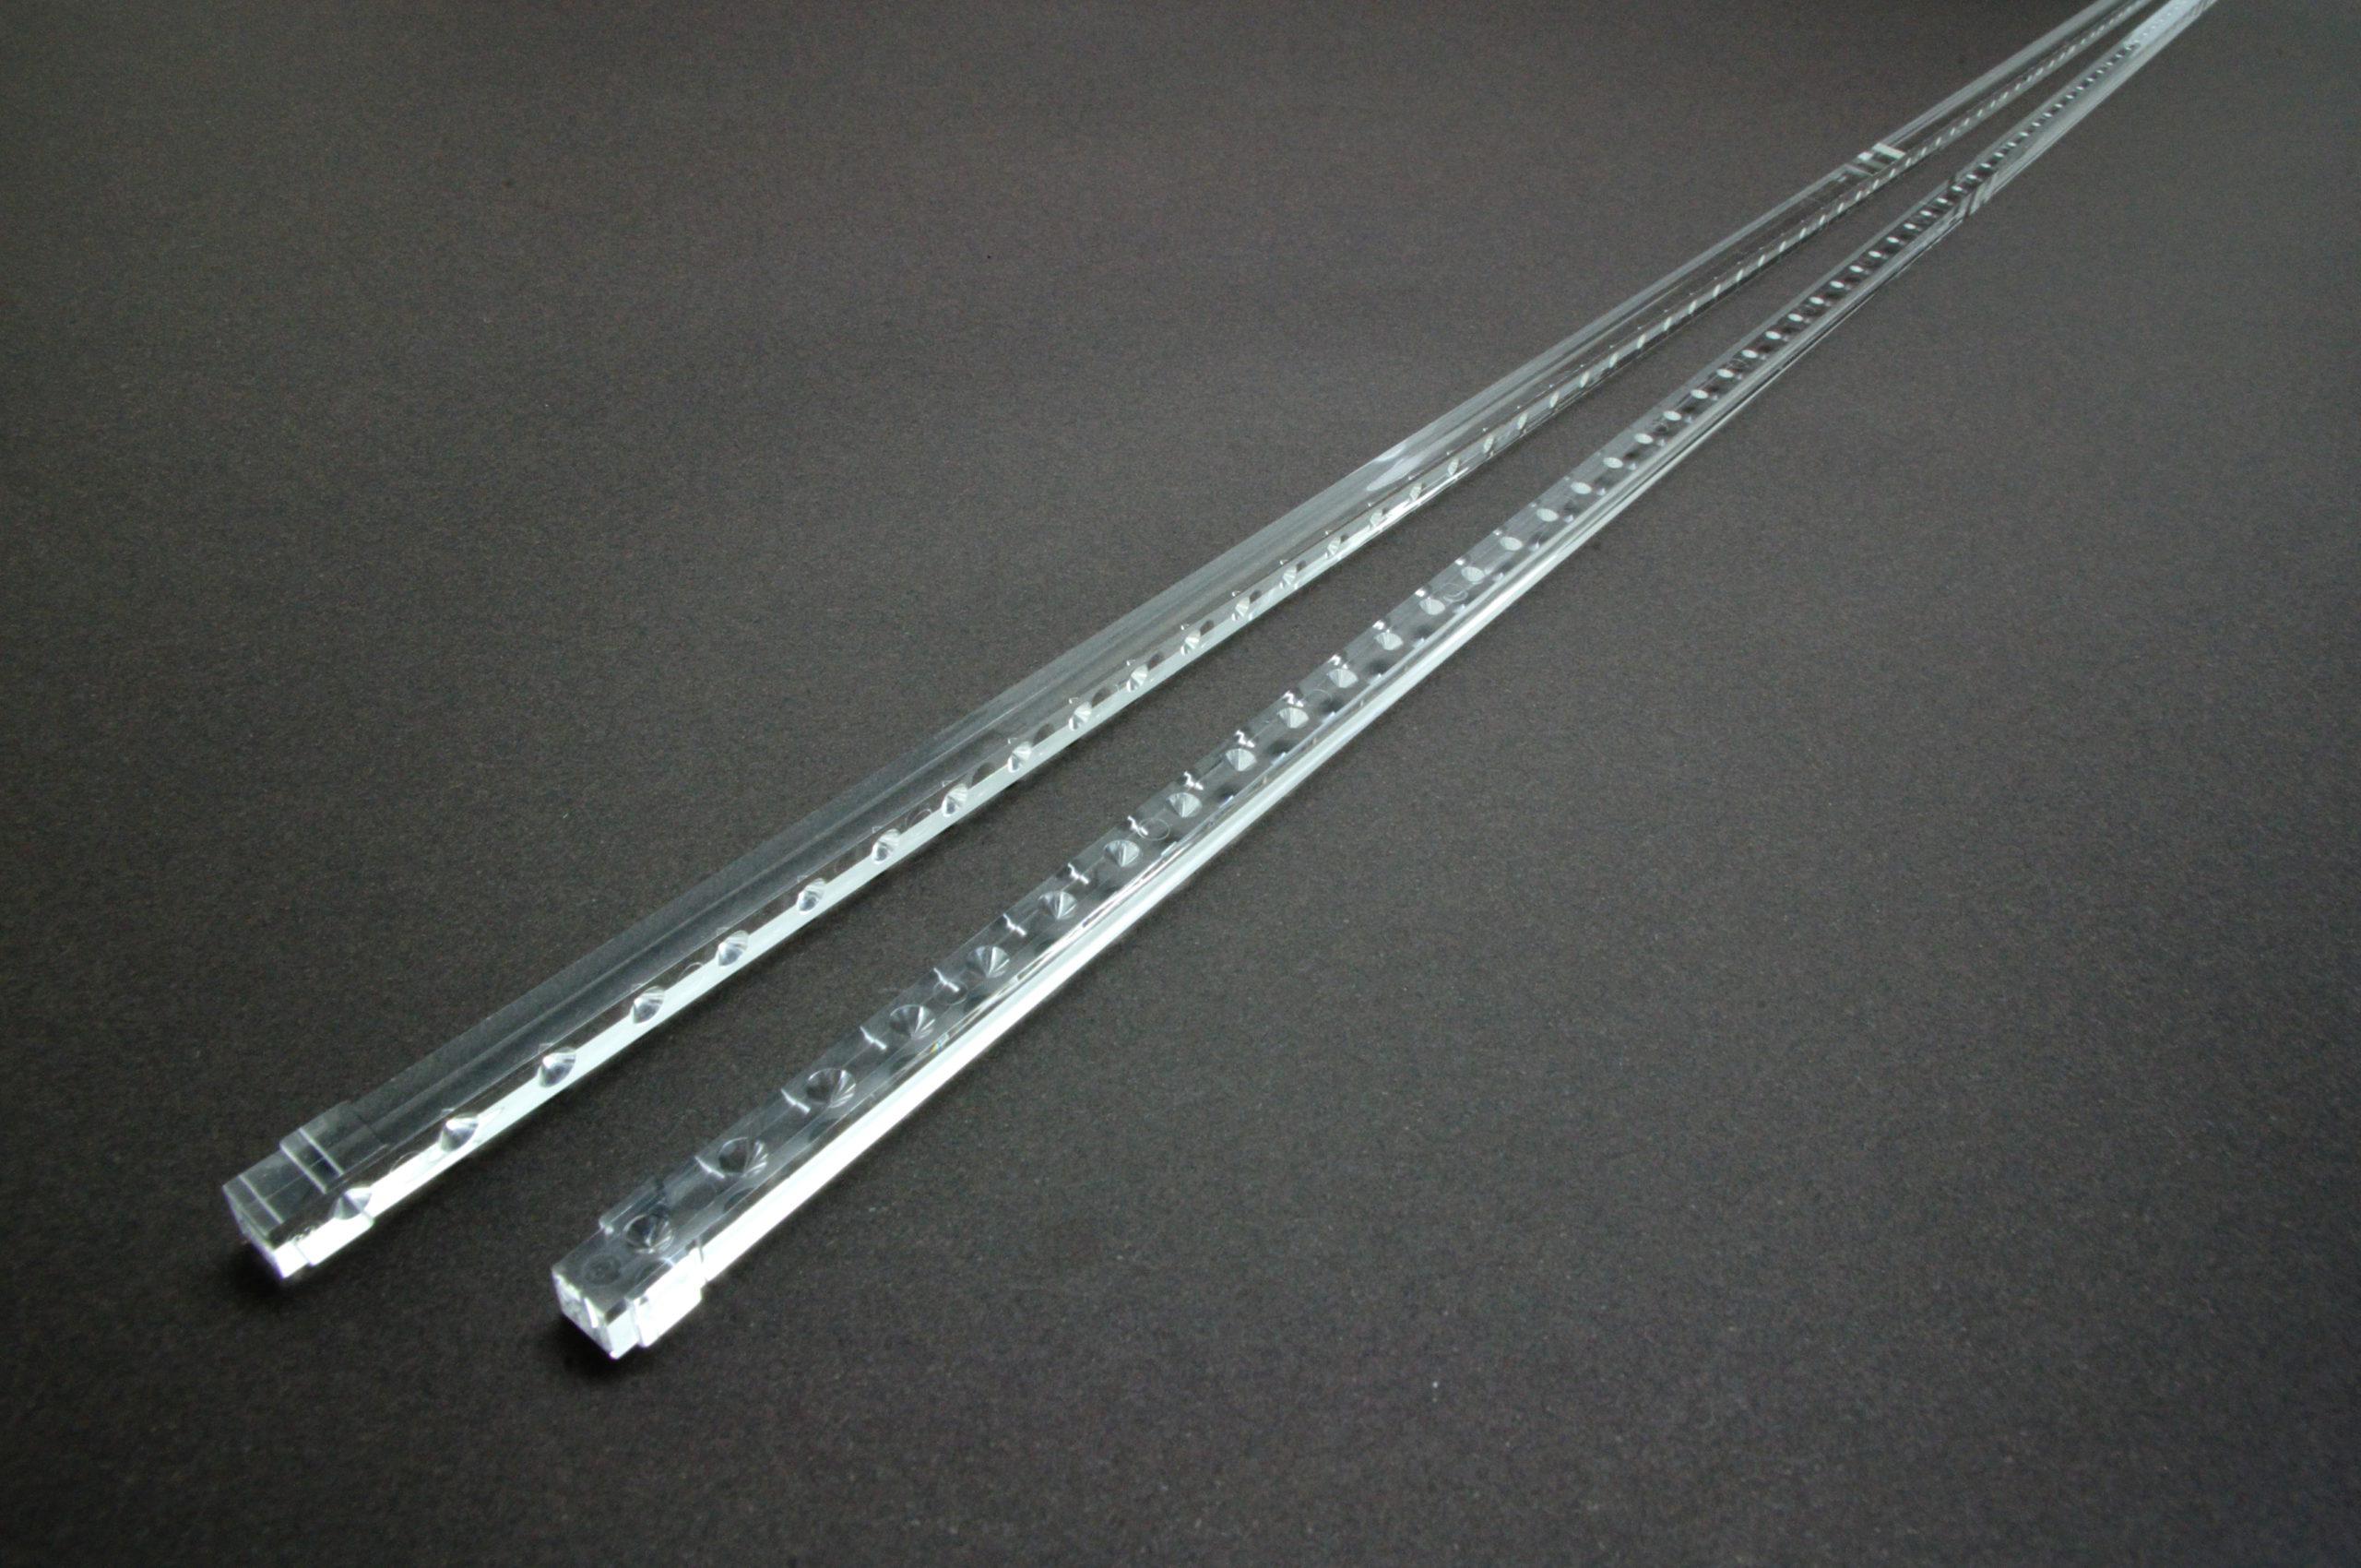 長尺の自動車用ライトガイド・導光棒